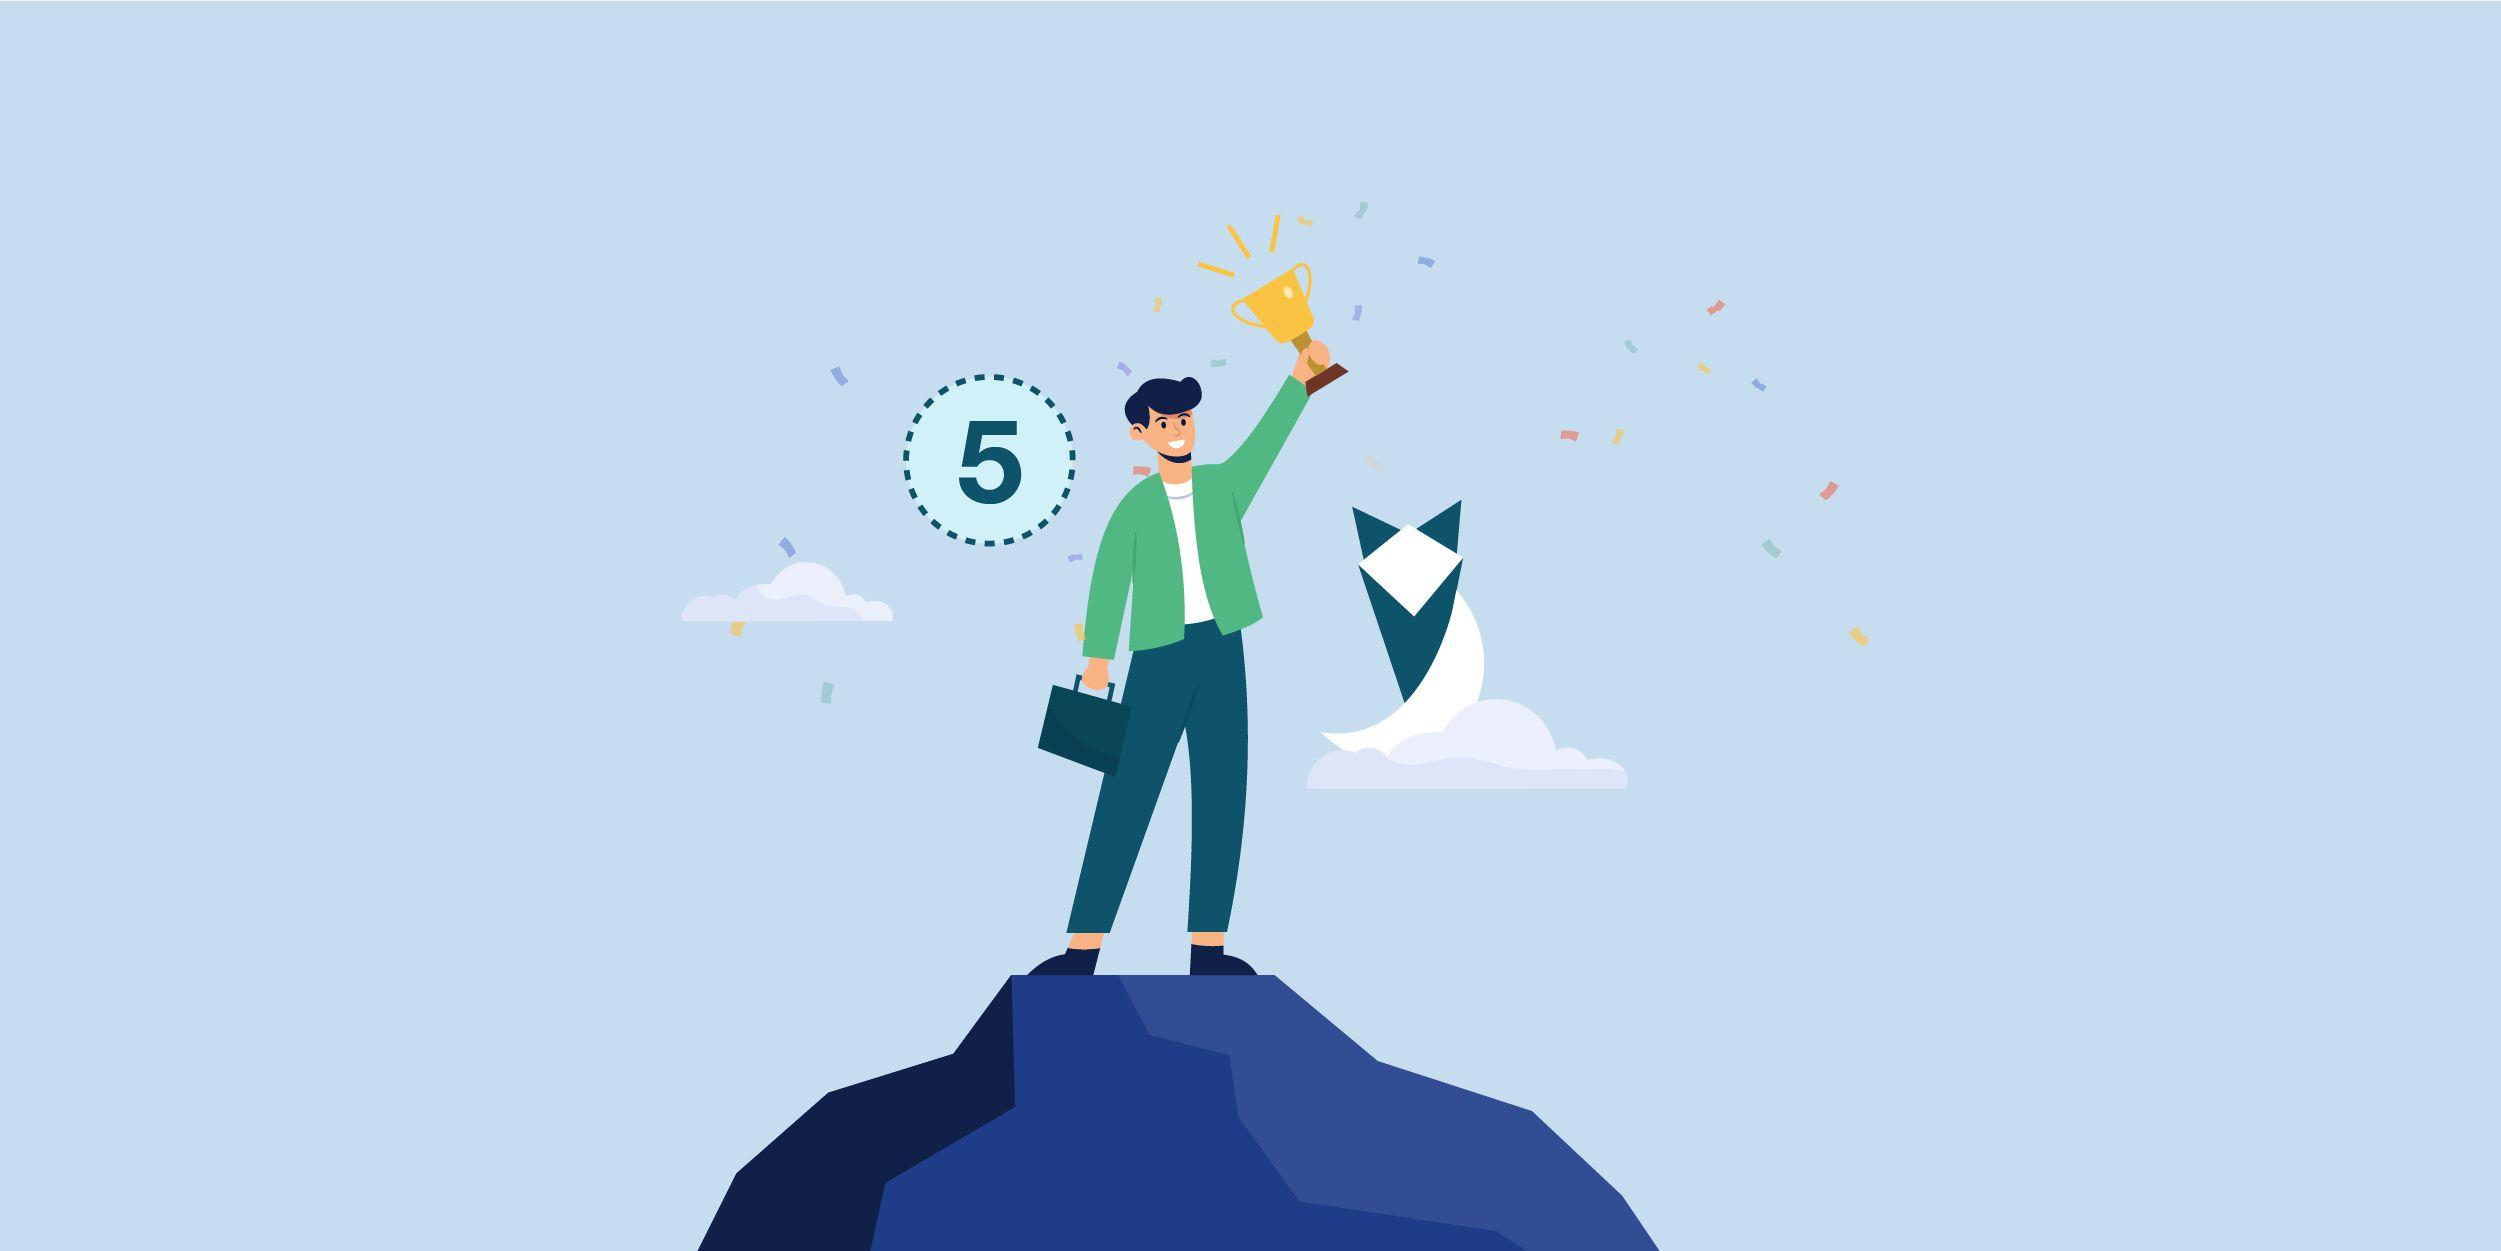 5 نقط هتشجعك على تحقيق حلمك بمناسبة الـ Never Give Up Day